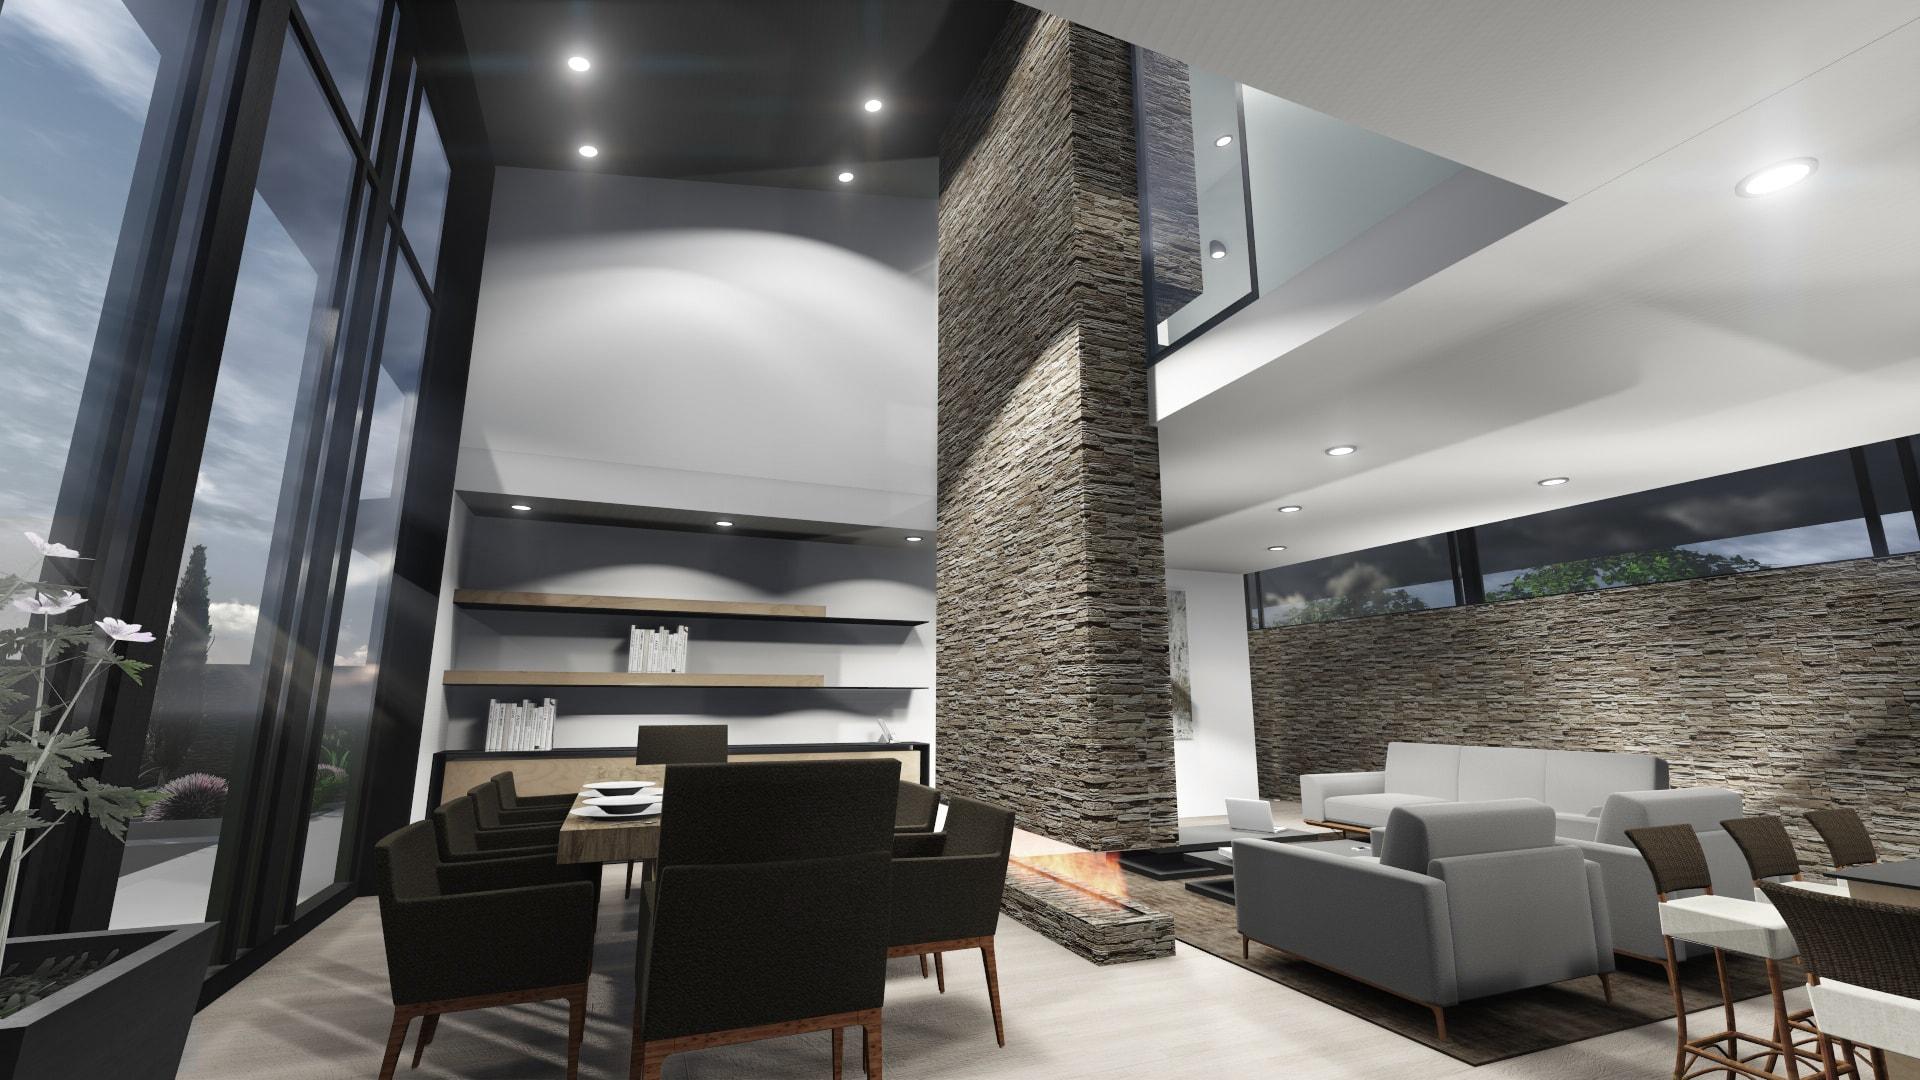 Arquitectura / Interiorismo / Ivan 3